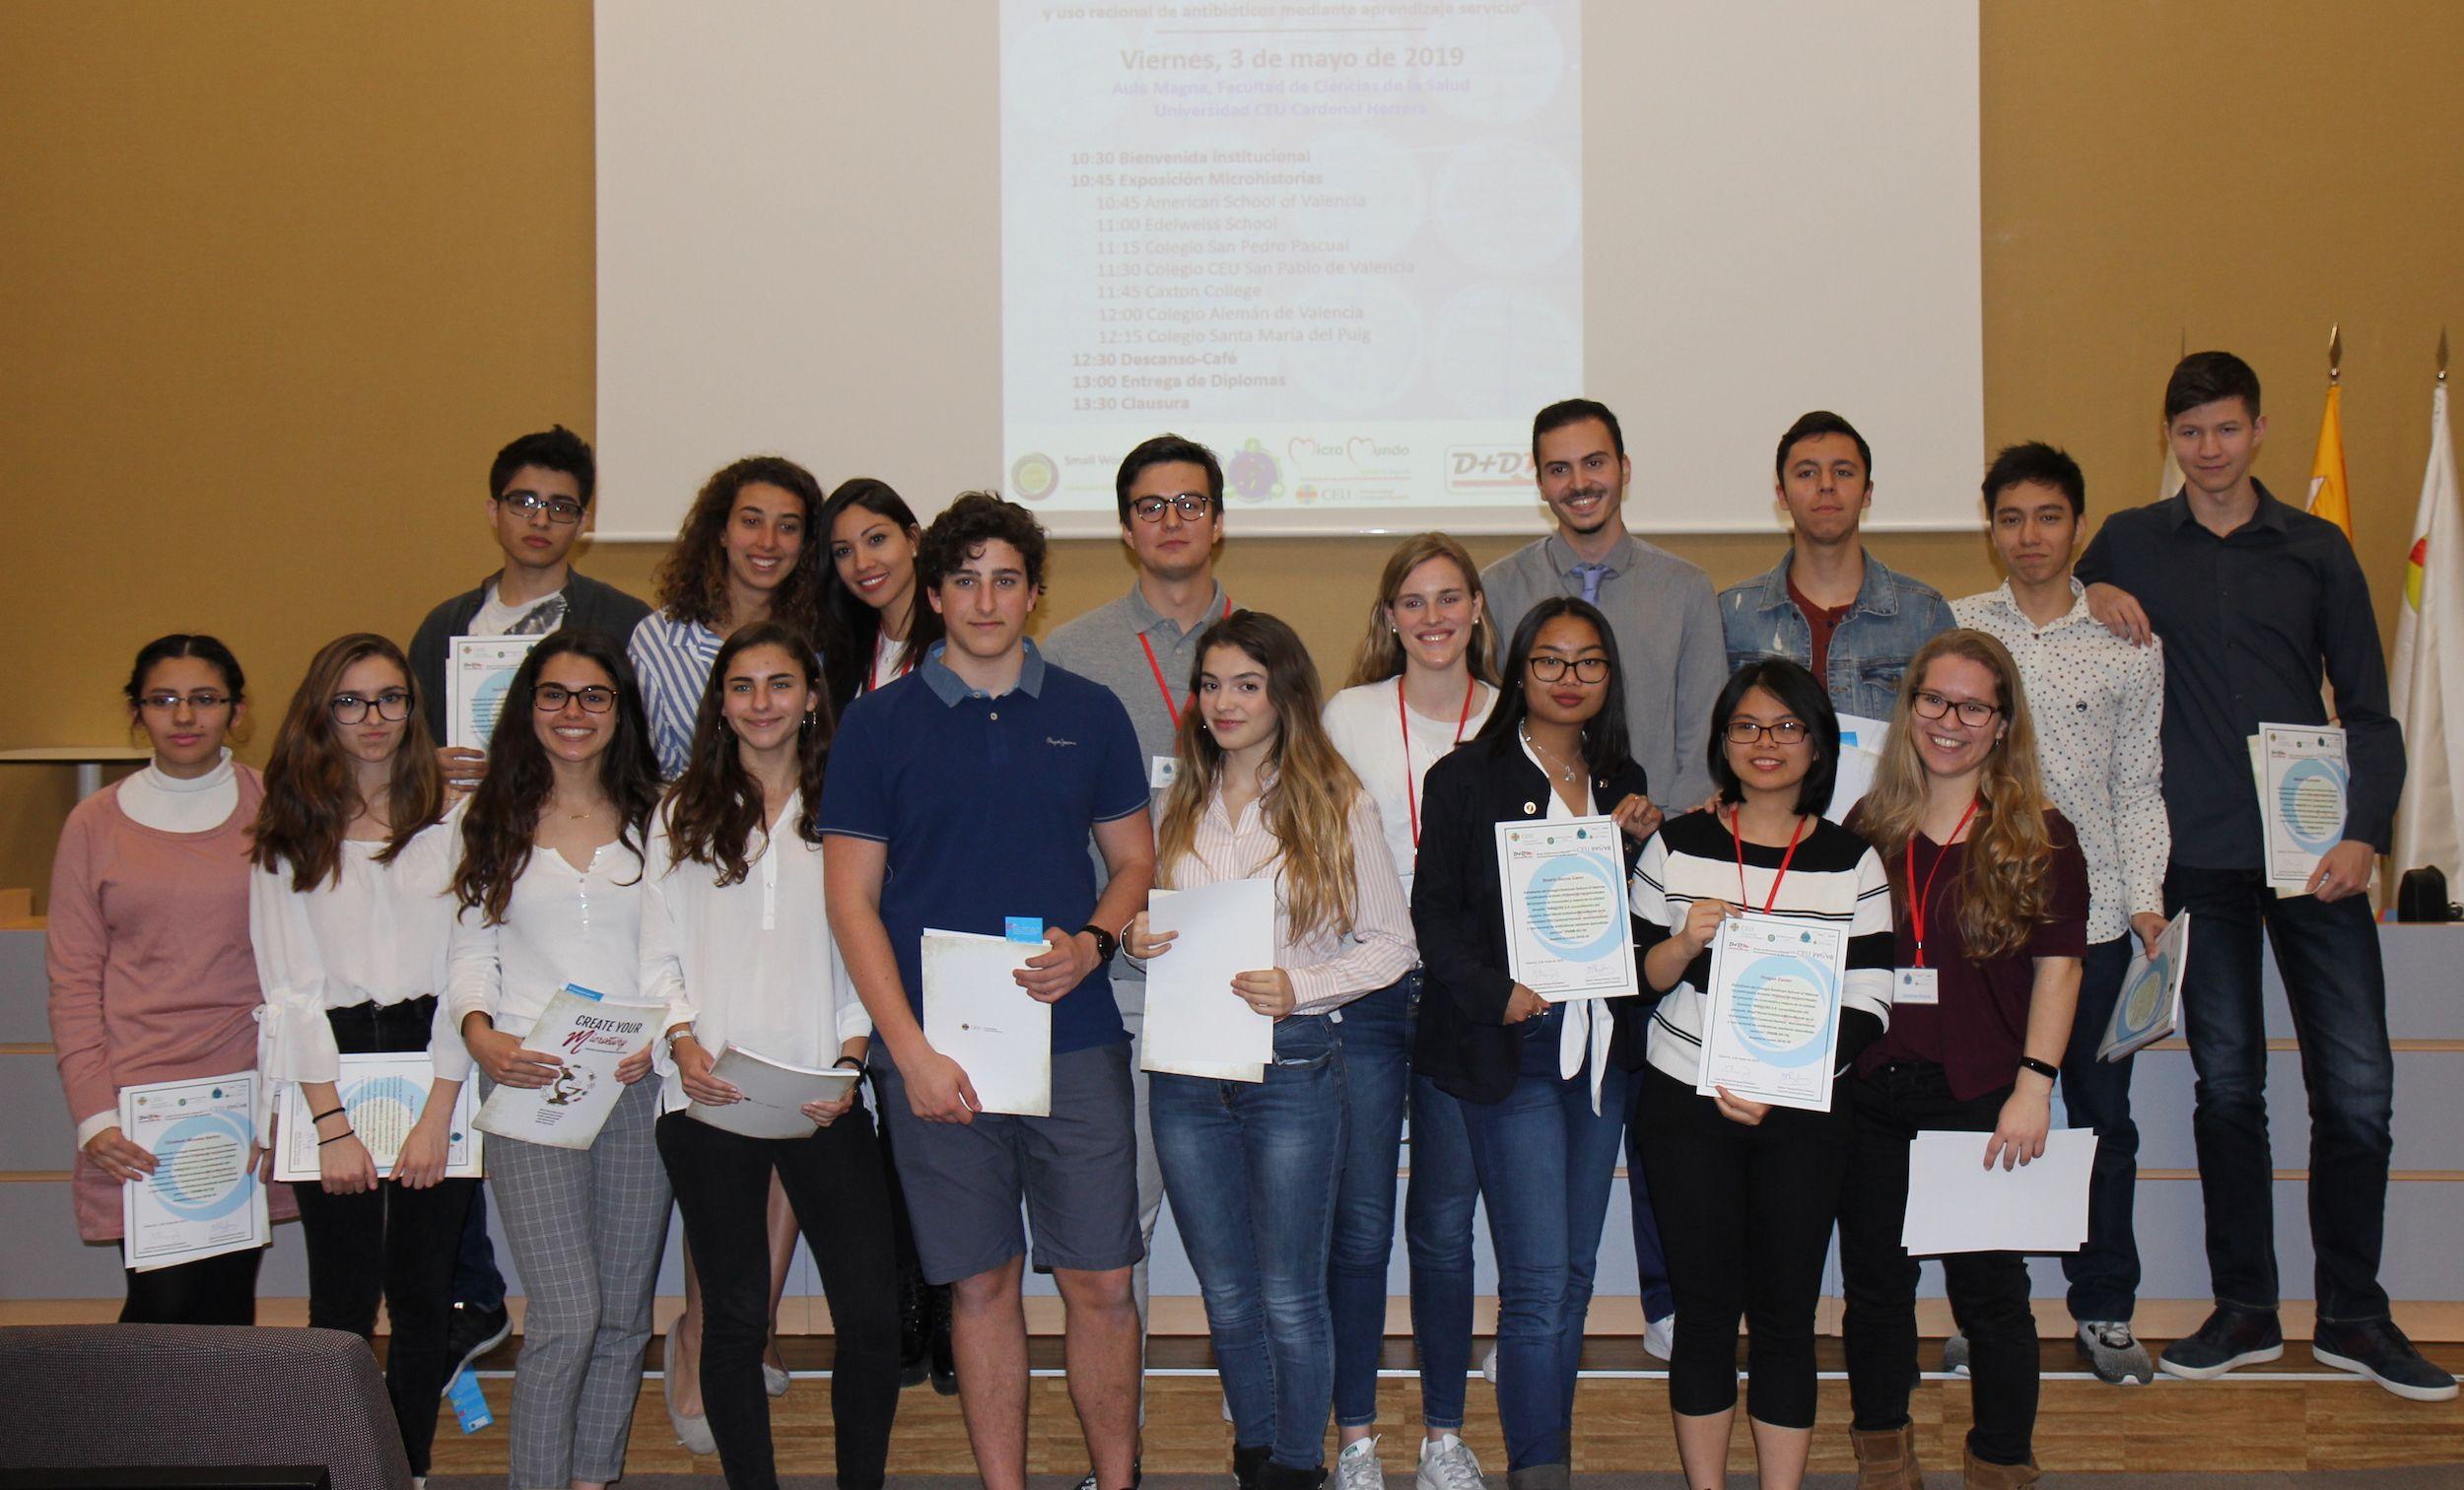 Estudiantes del American School of Valencia con los universitarios de la CEU UCH que han dirigido su participación en el proyecto SWI, en la entrega de diplomas.